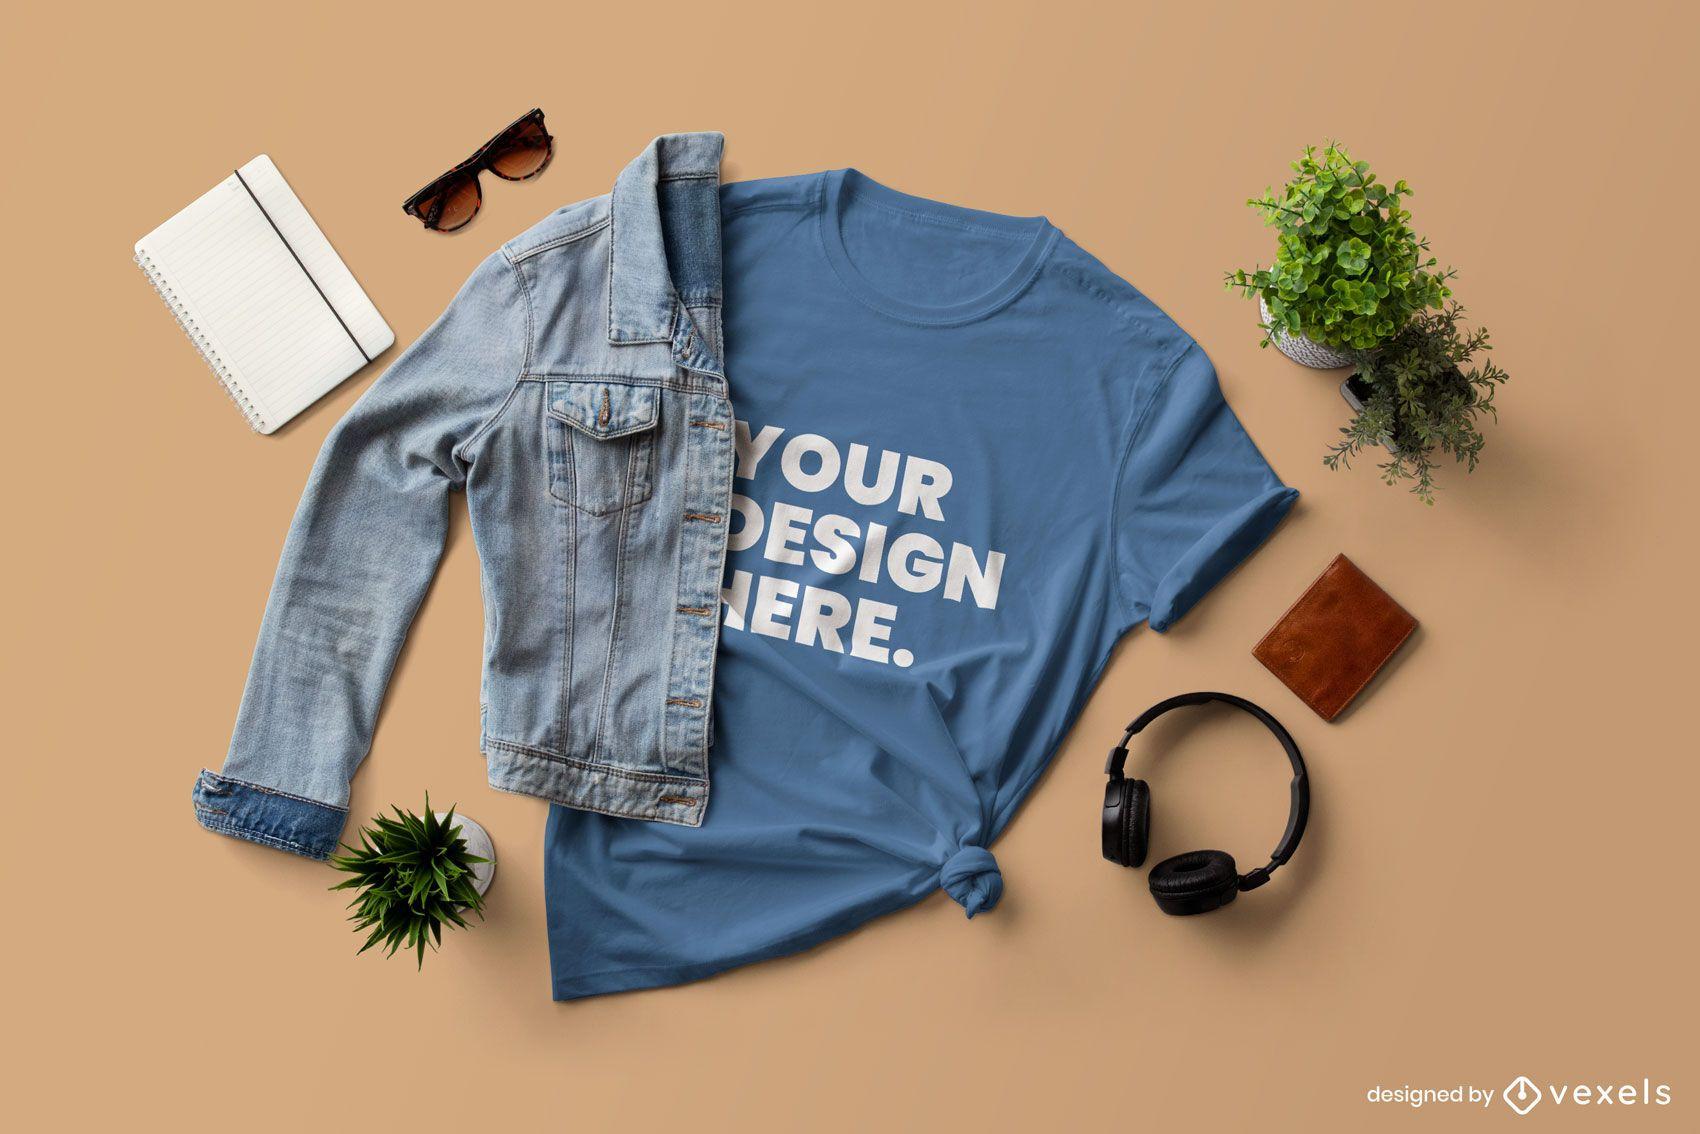 Jean Jacke T-Shirt Modell Zusammensetzung